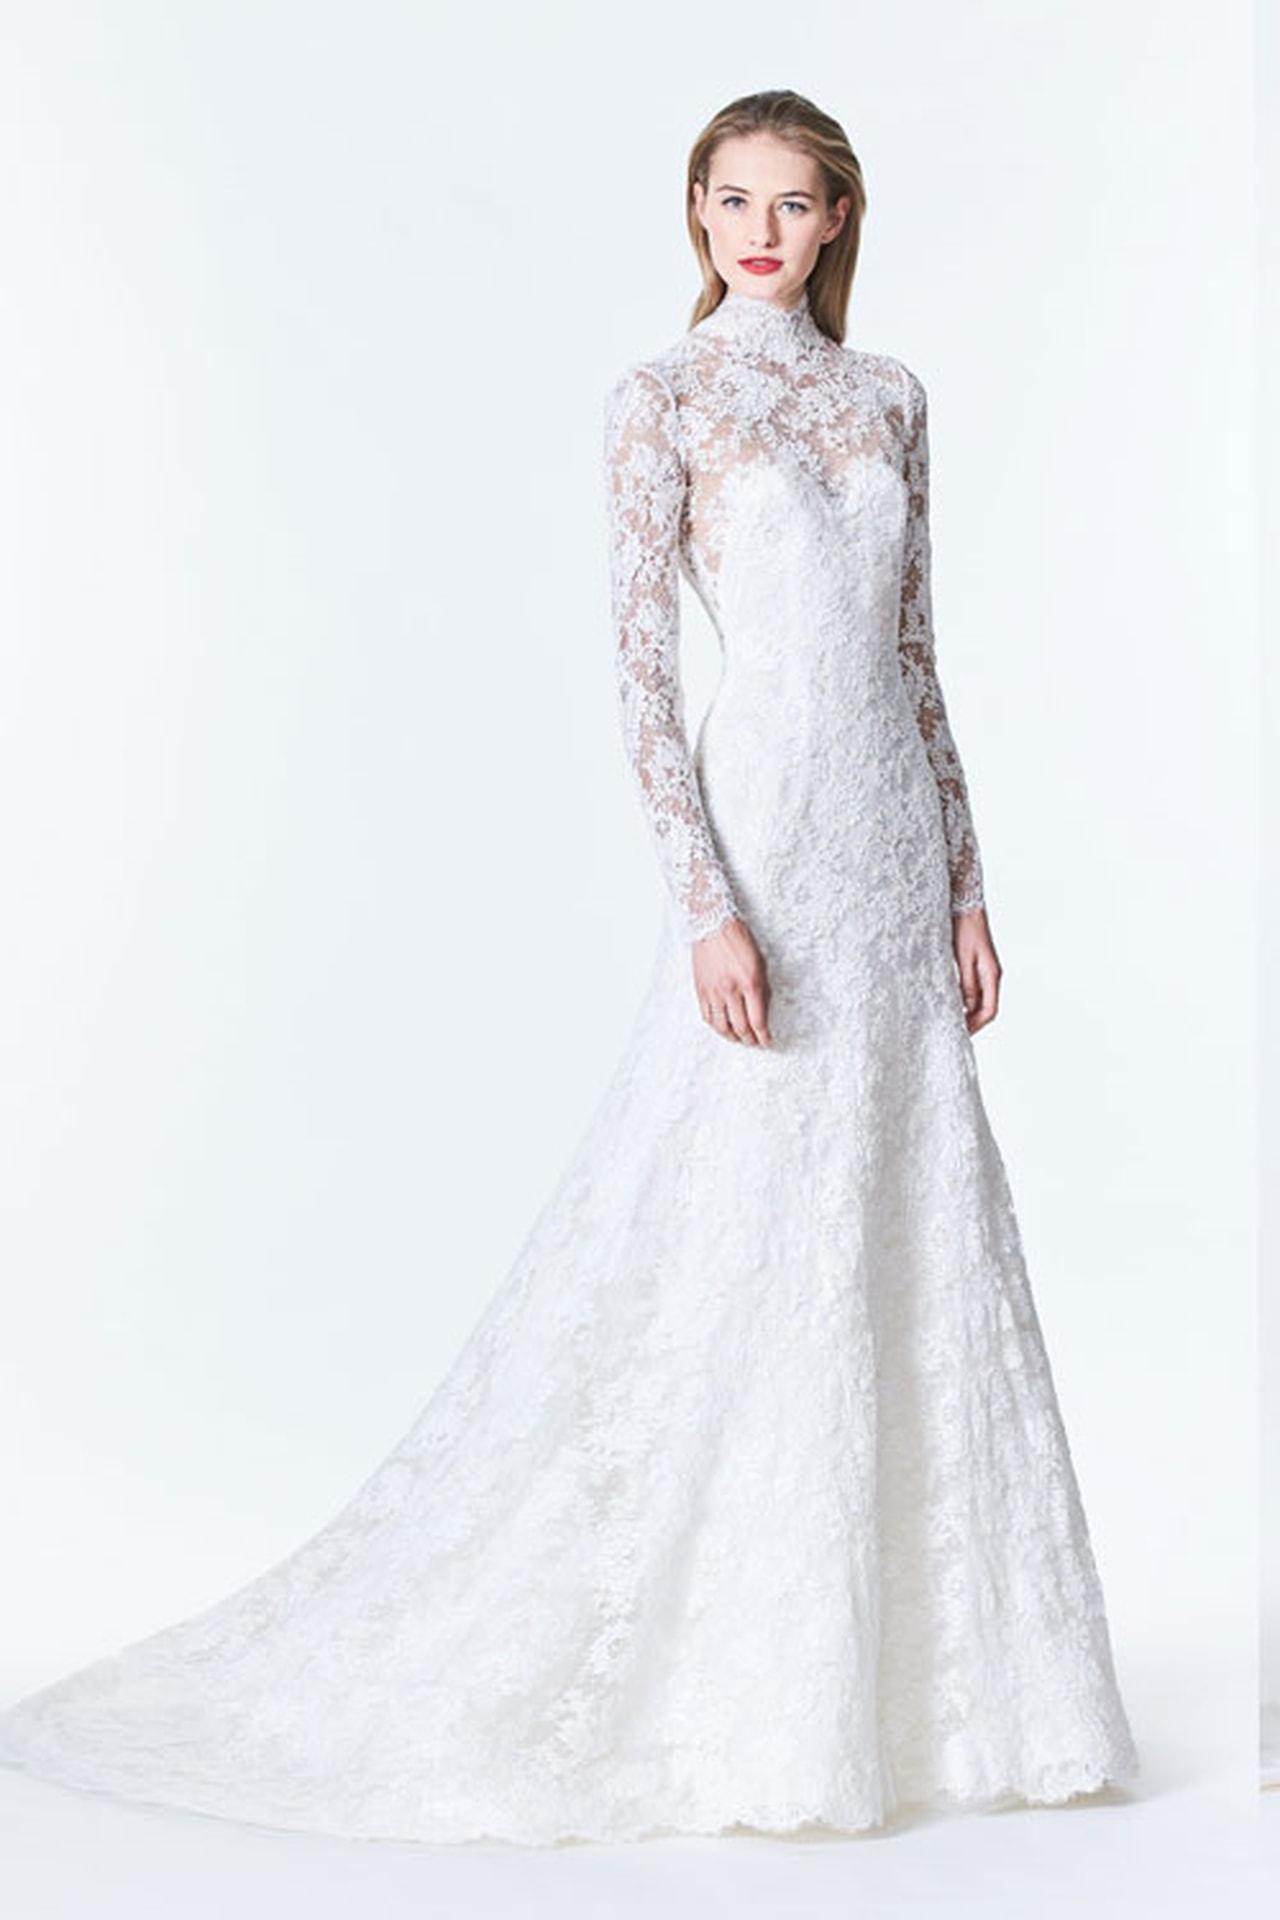 بالصور ملابس اعراس للبنات المراهقات , اجمل فساتين سهرة للعروسات الجميلات 3269 10